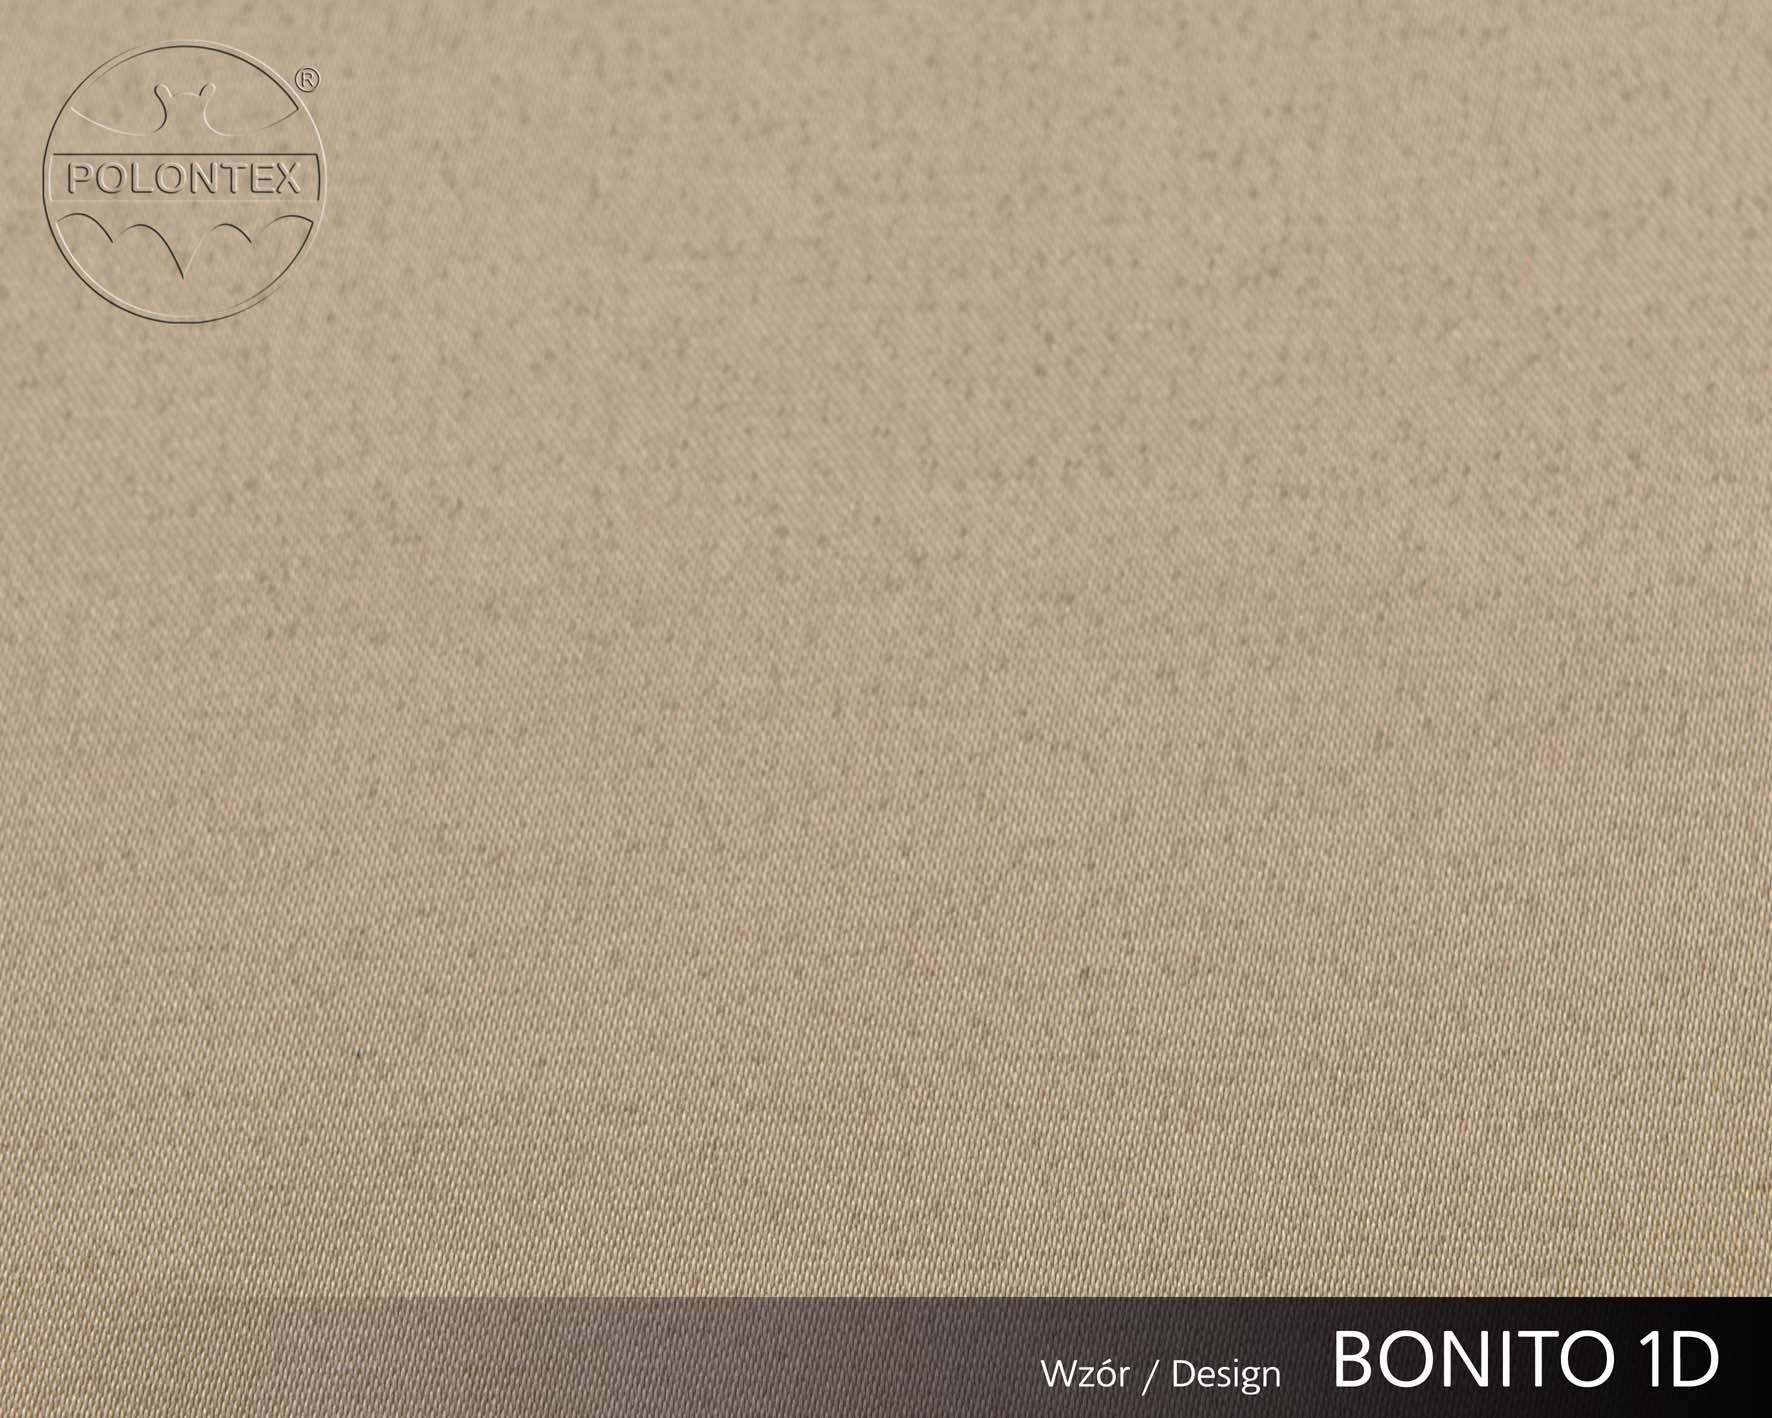 Bonito 1D 706N